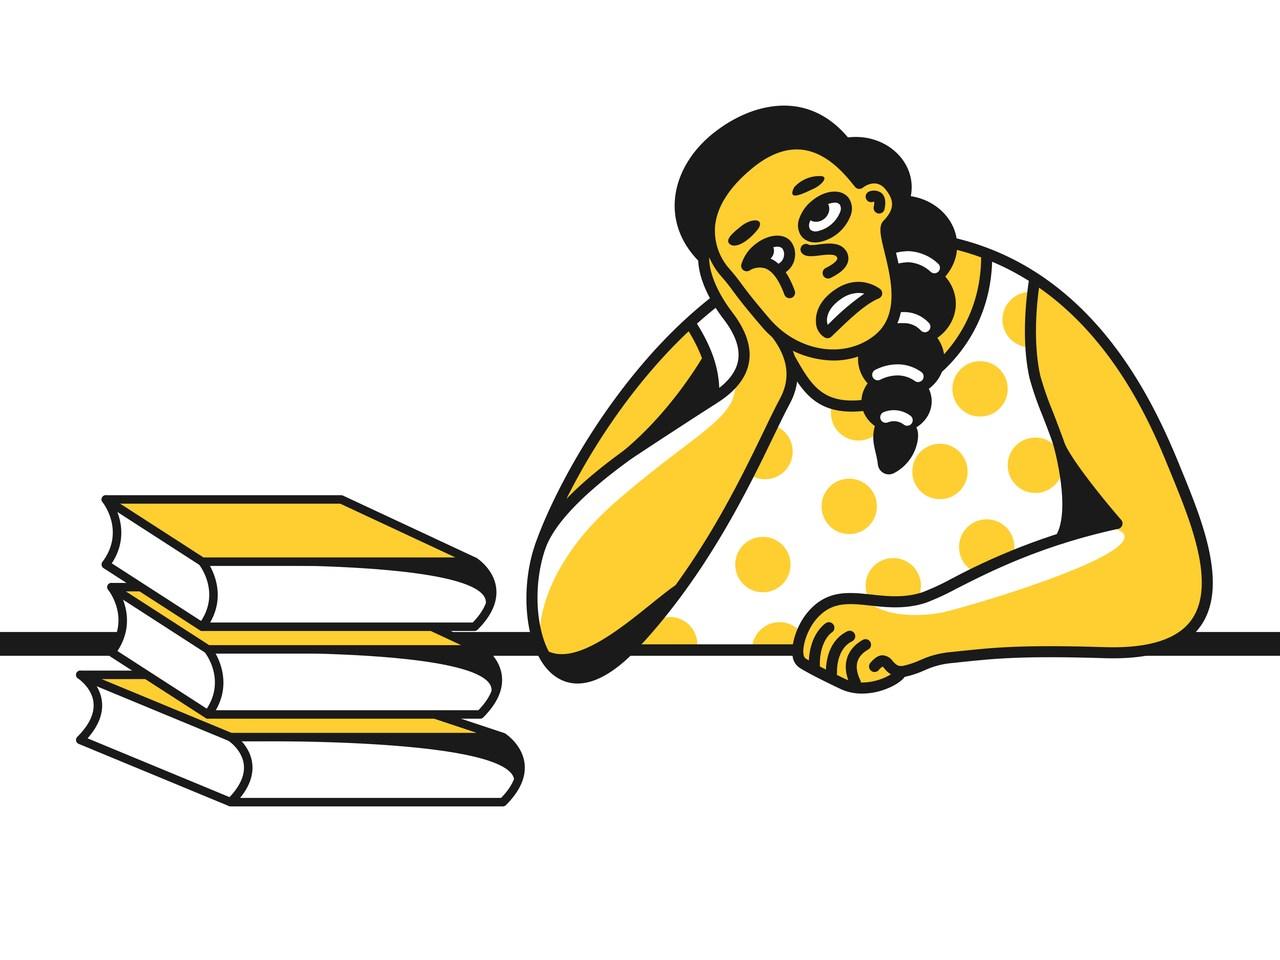 önünde birkaç tane kitap olan ve havaya bakıp umutsuzca düşünen kadın